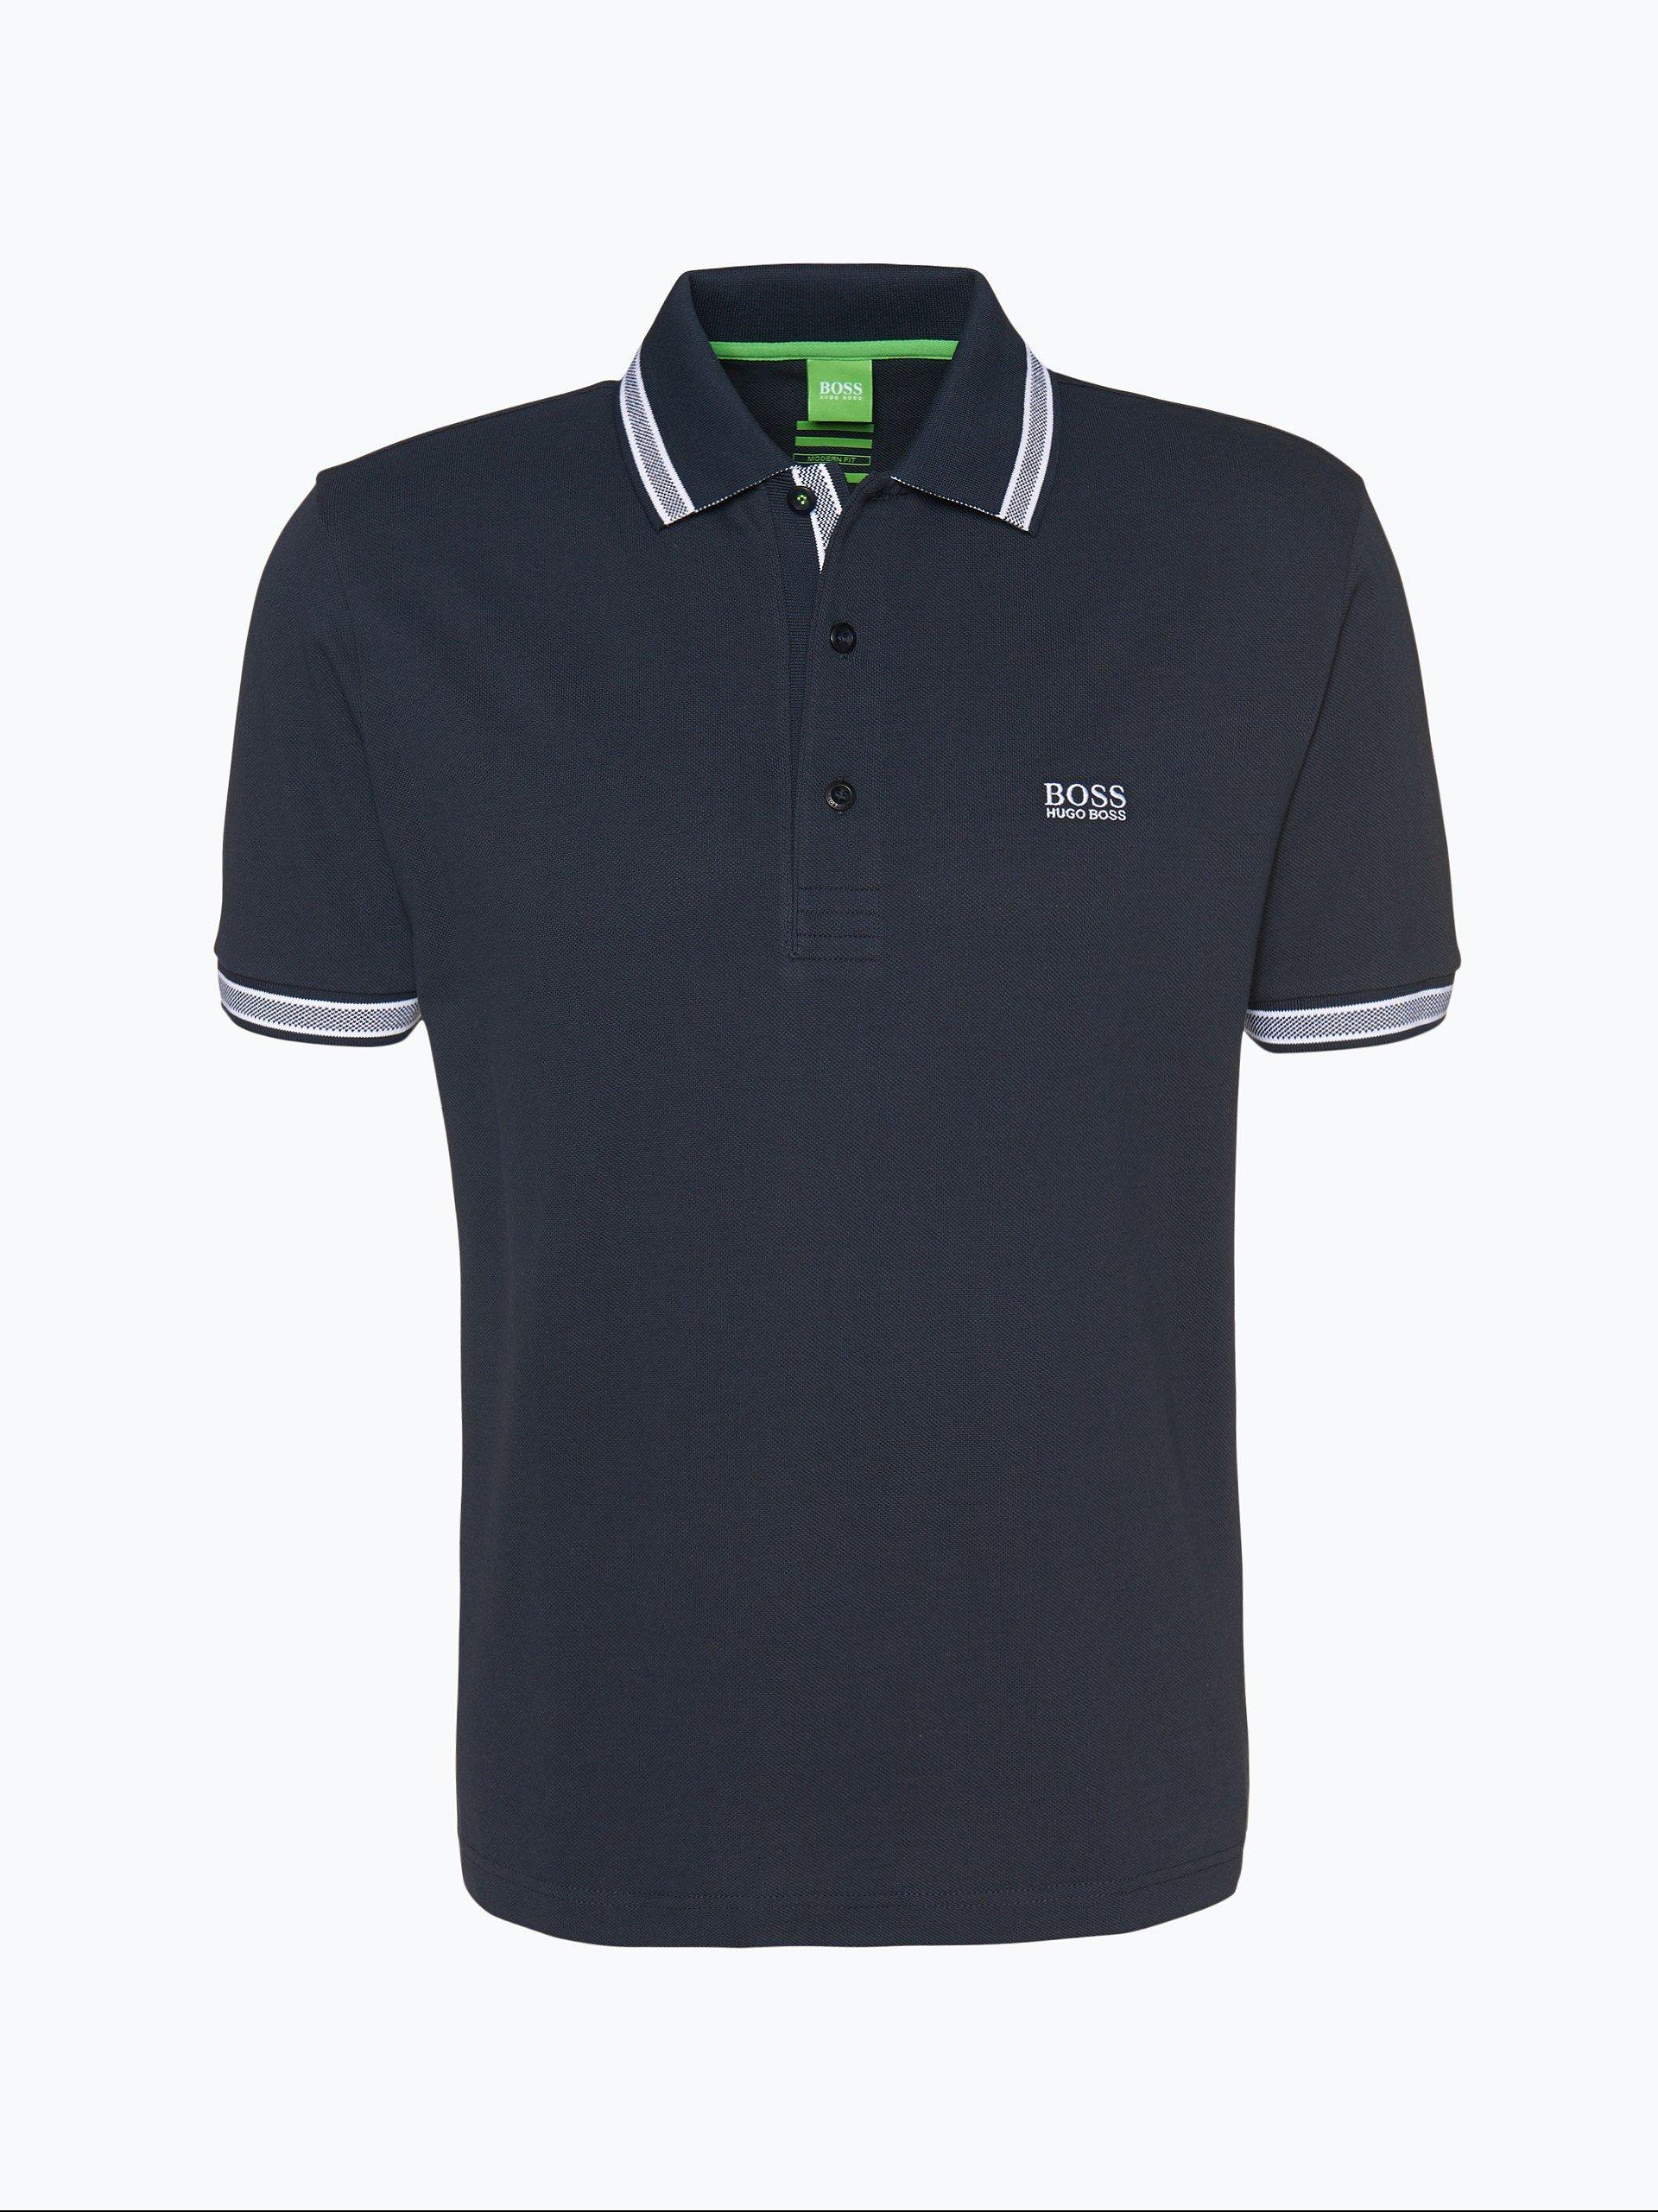 BOSS Athleisure Herren Poloshirt - Paddy